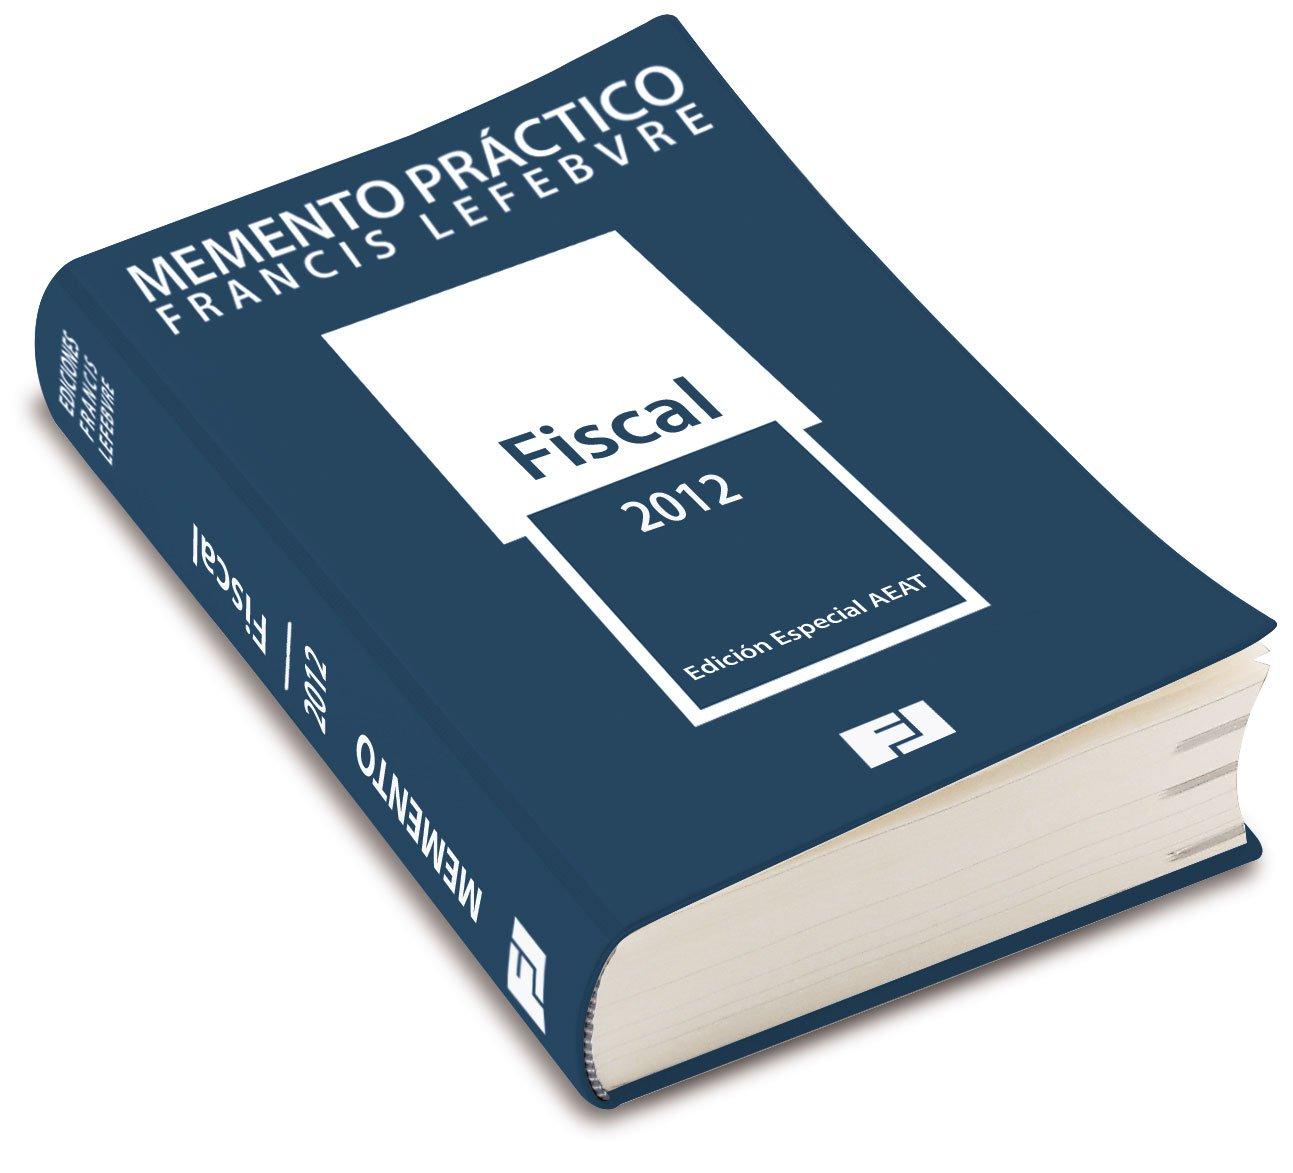 MEMENTO PRÁCTICO FISCAL 2012: Edición especial AEAT: Amazon.es: FRANCIS LEFEBVRE: Libros